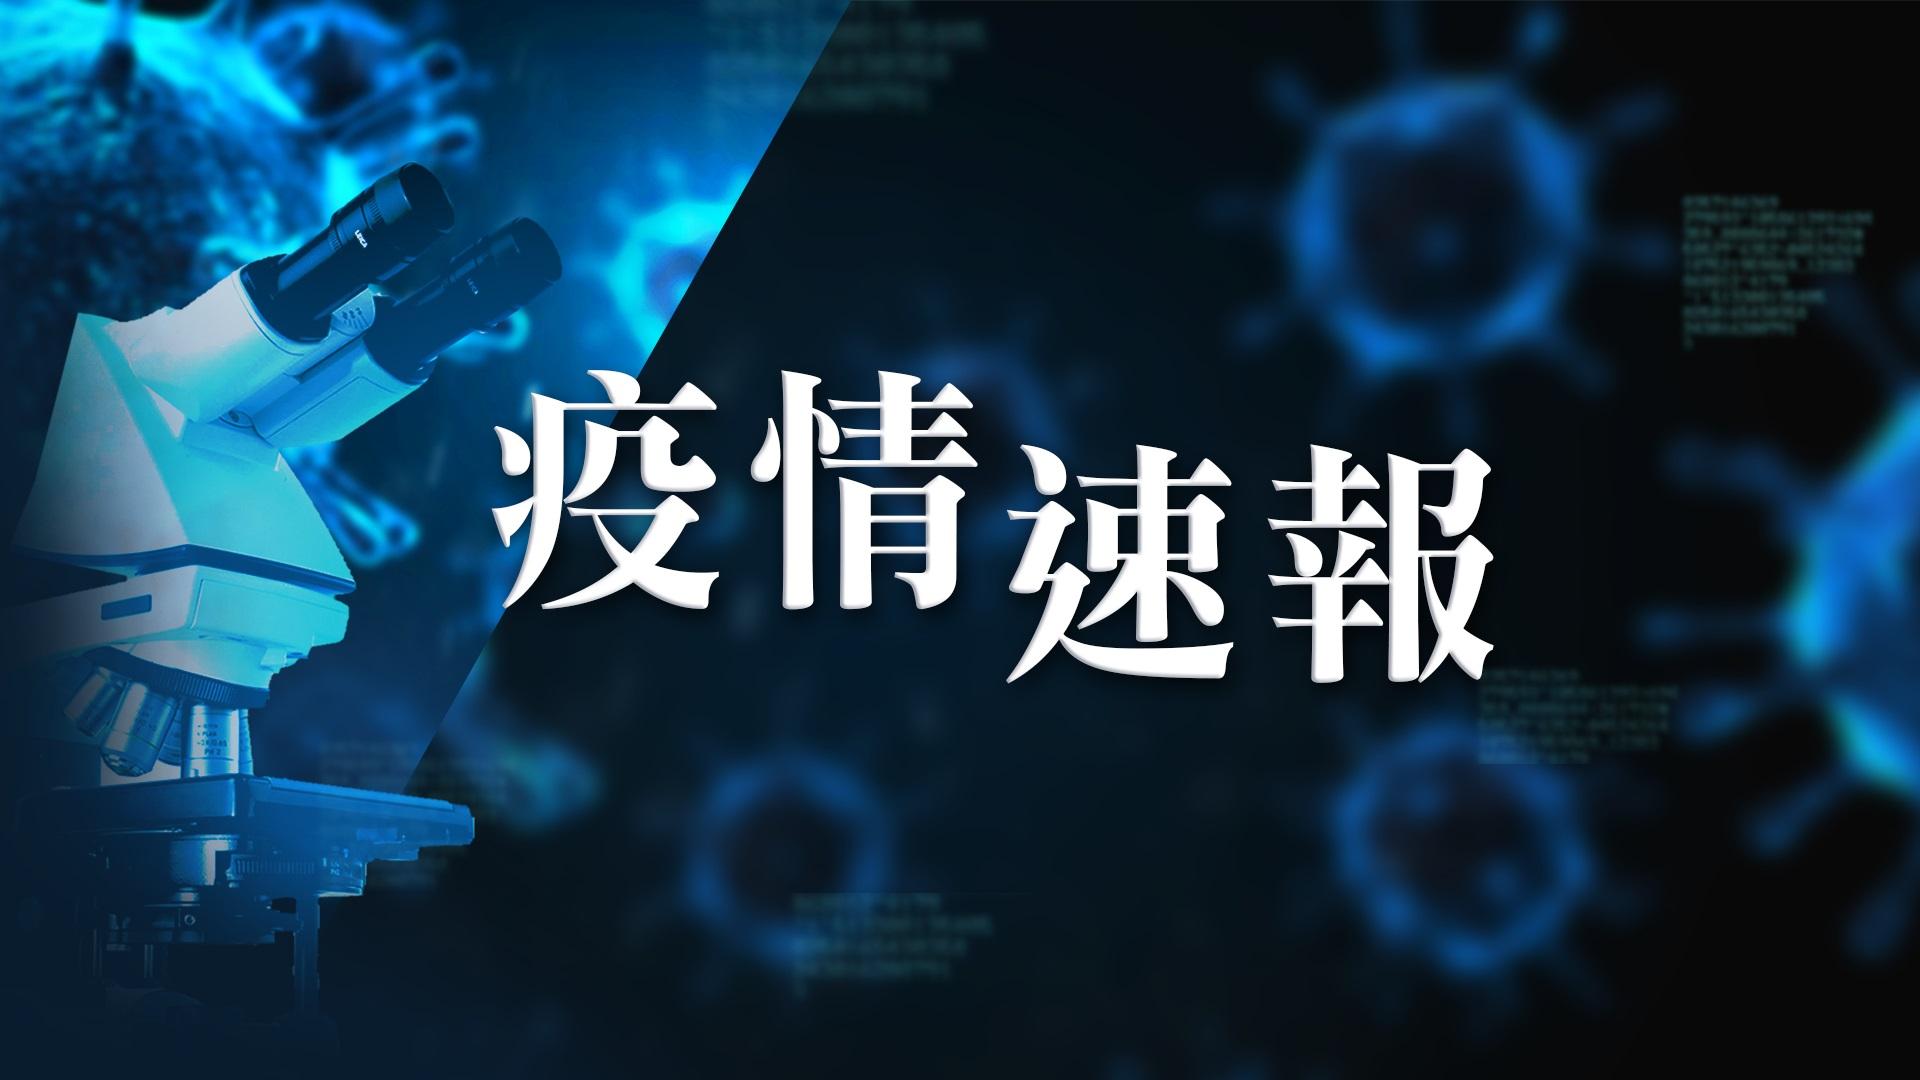 【8月2日疫情速報】(23:50)